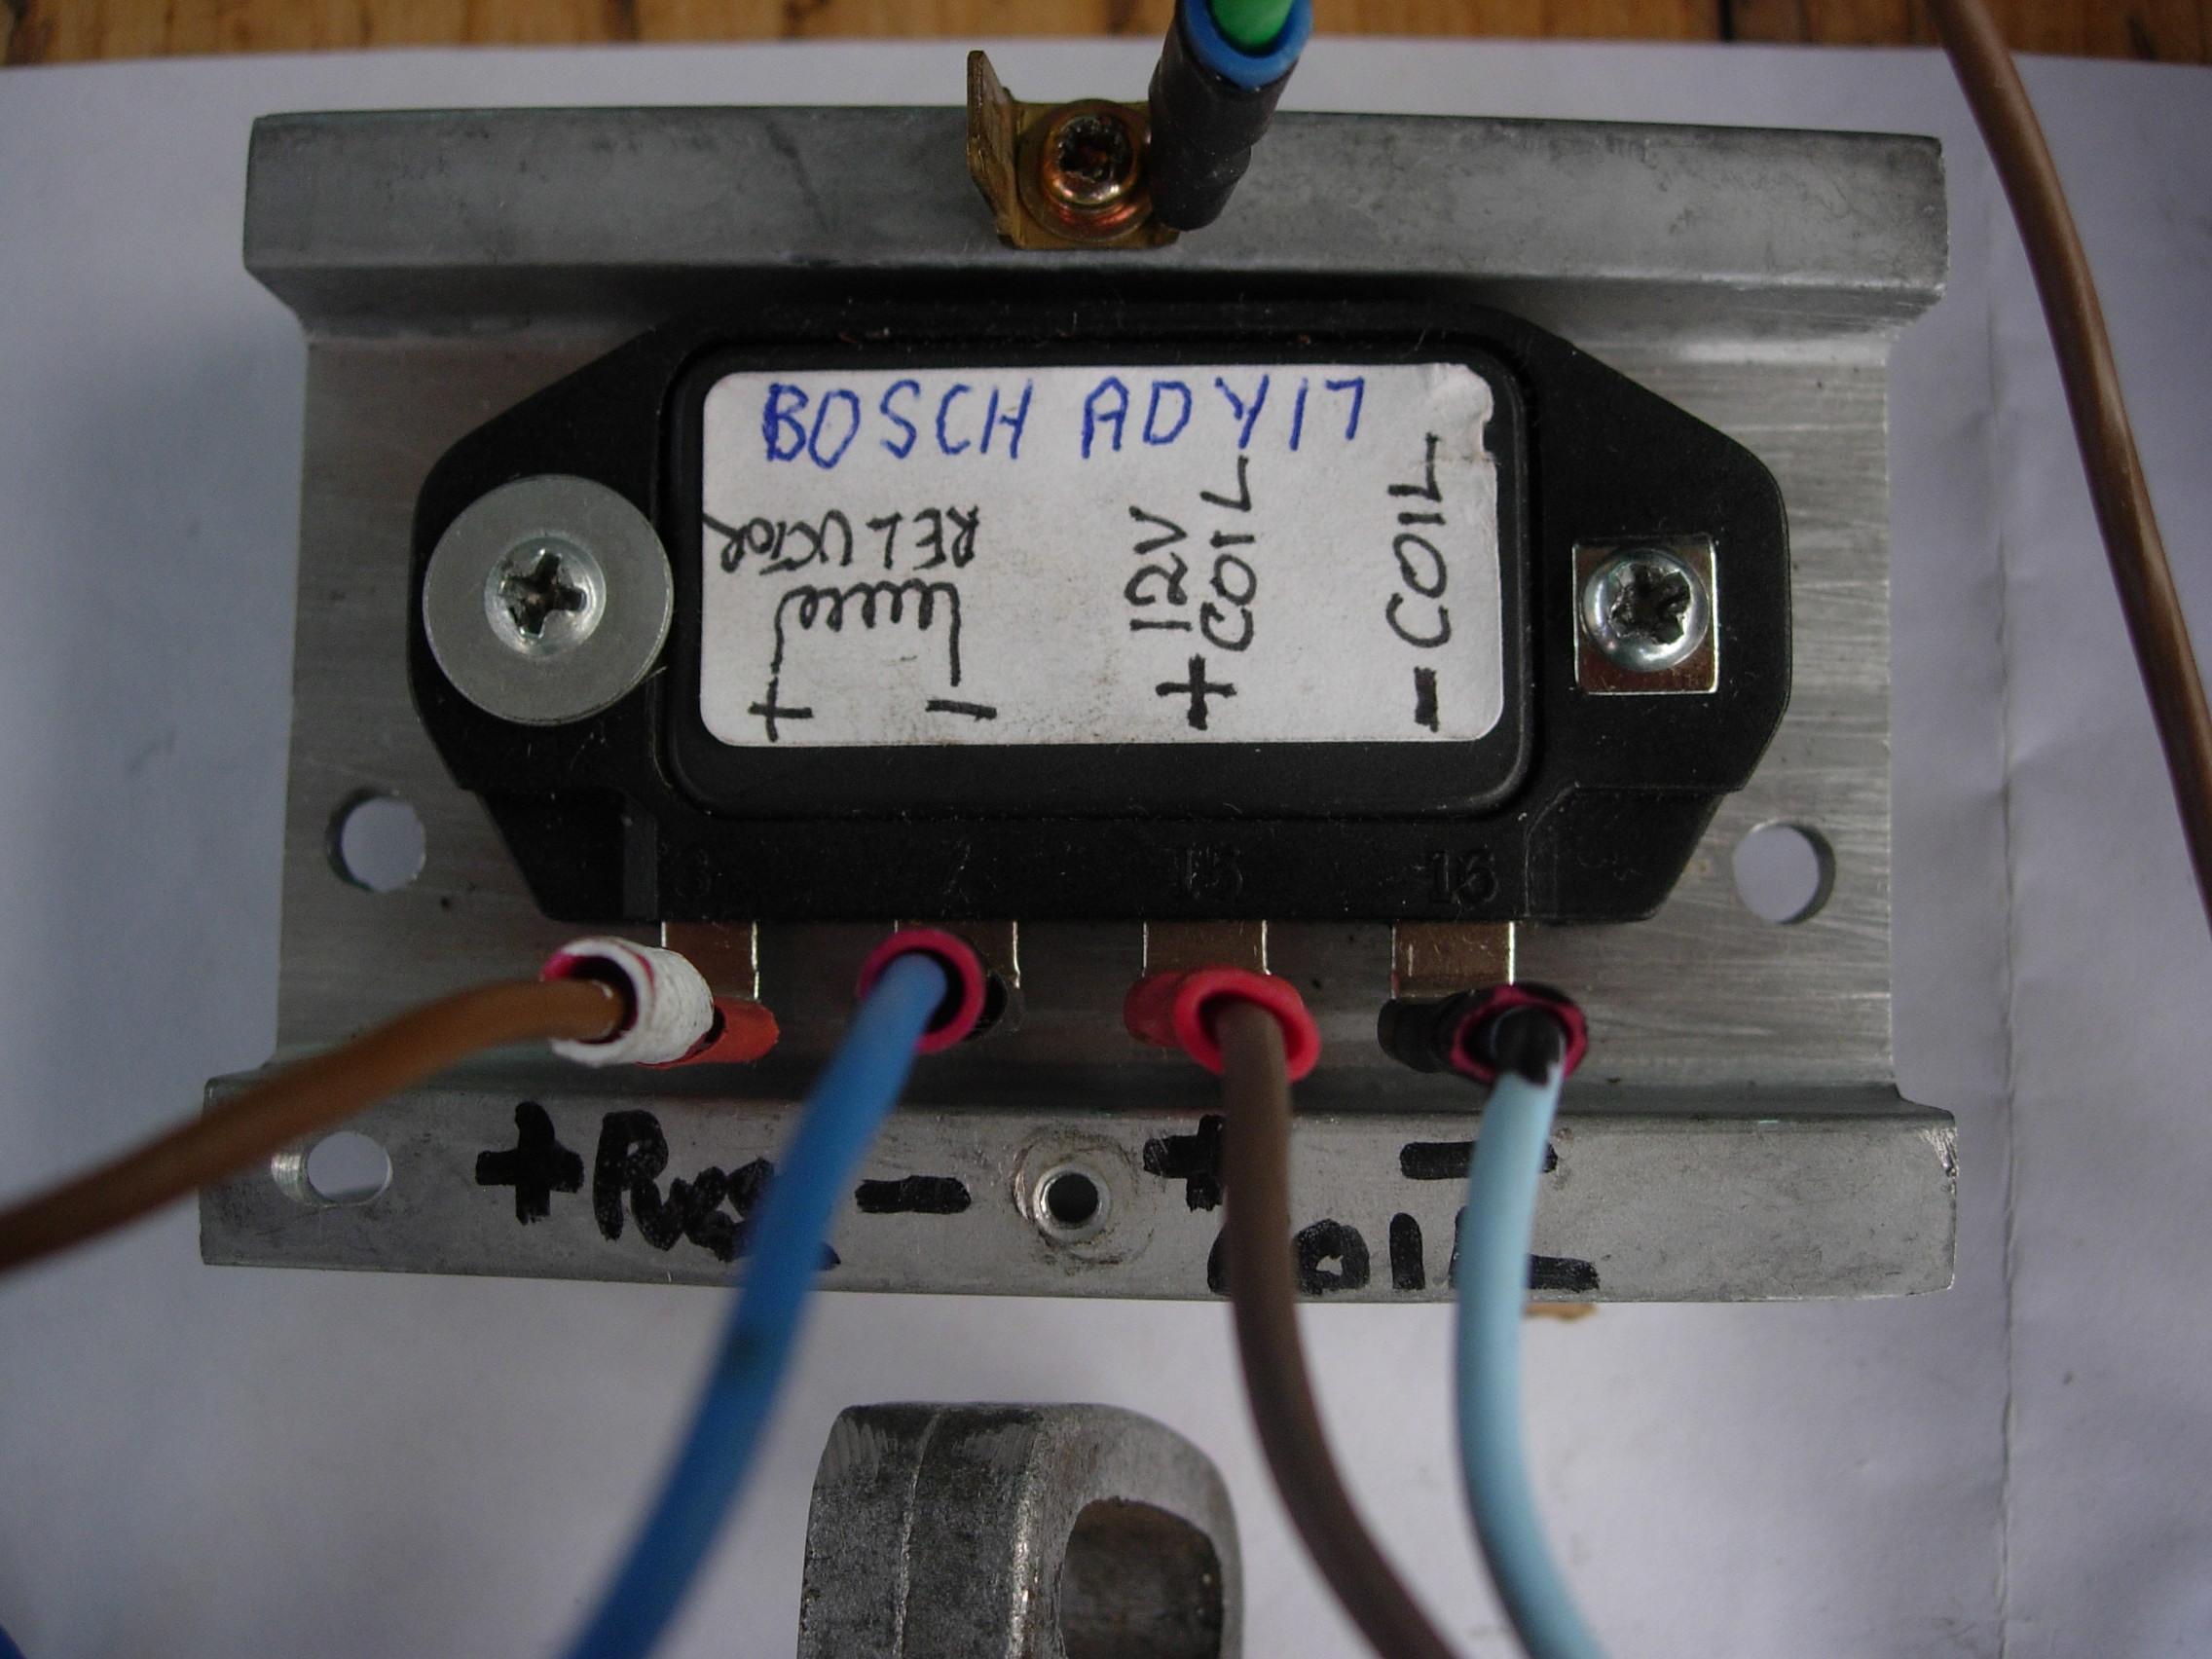 ADY17 BOSCH.1.JPG